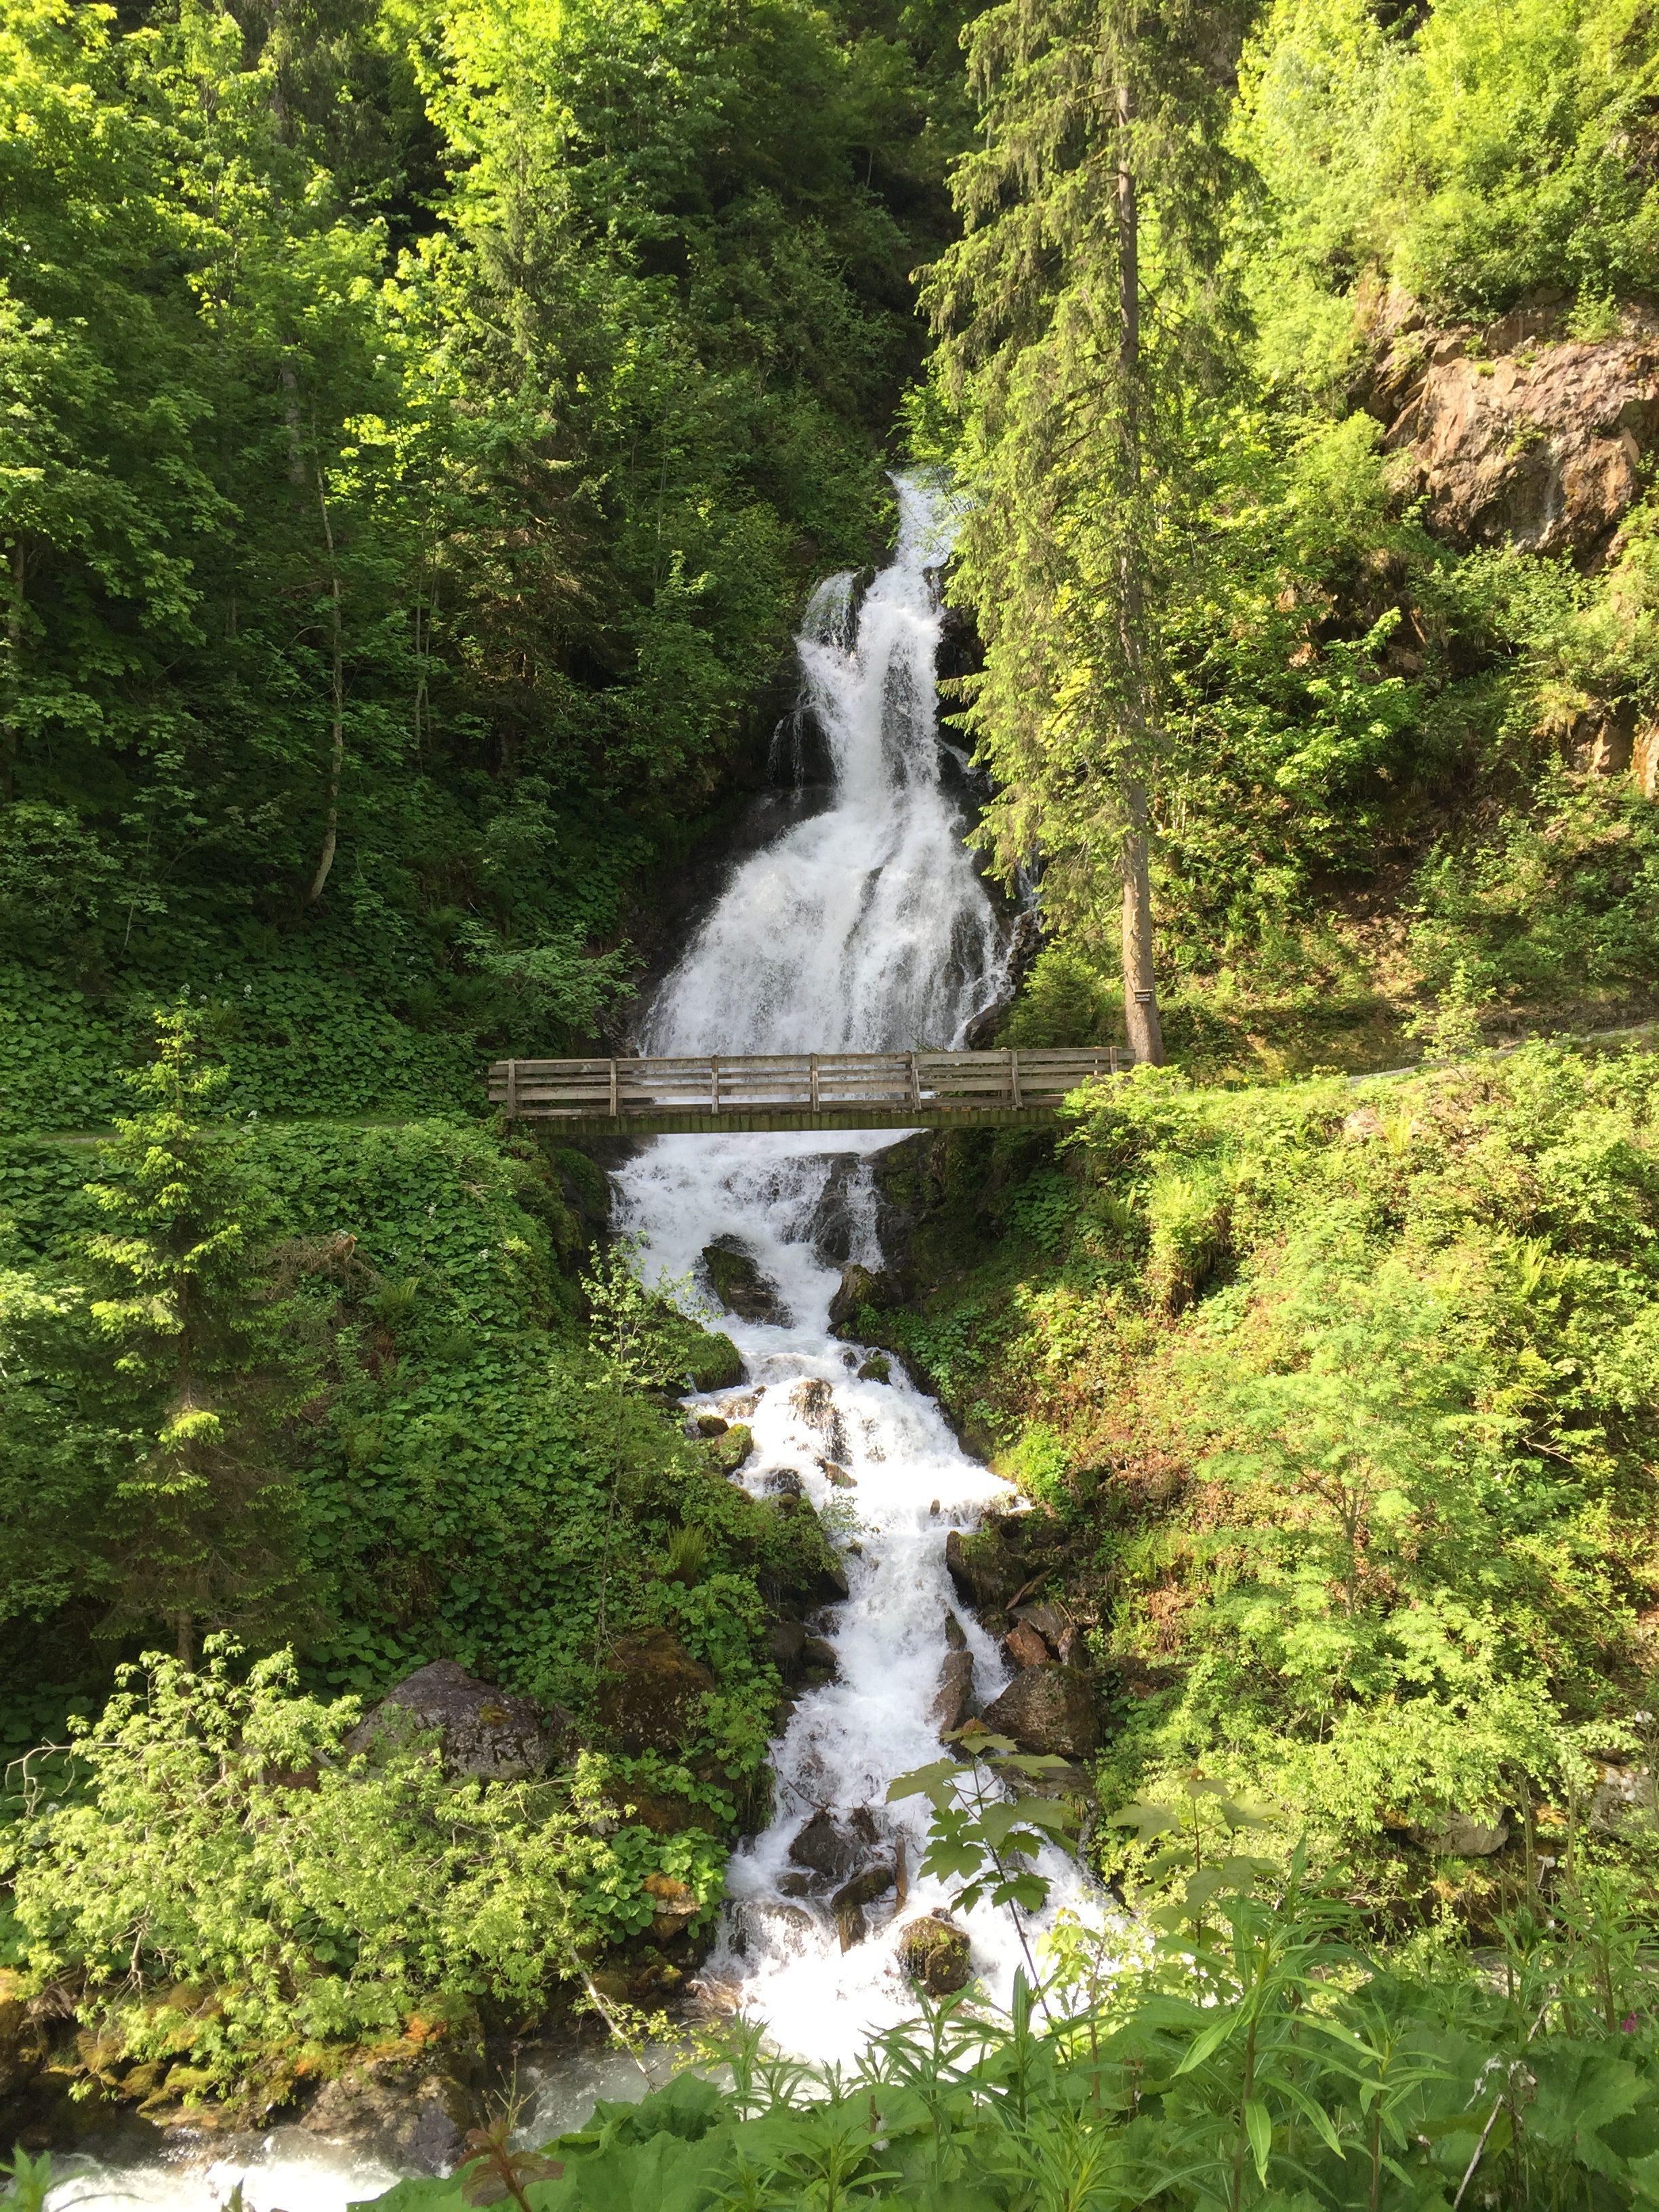 Wasserfall teufelsbach, Silbertal